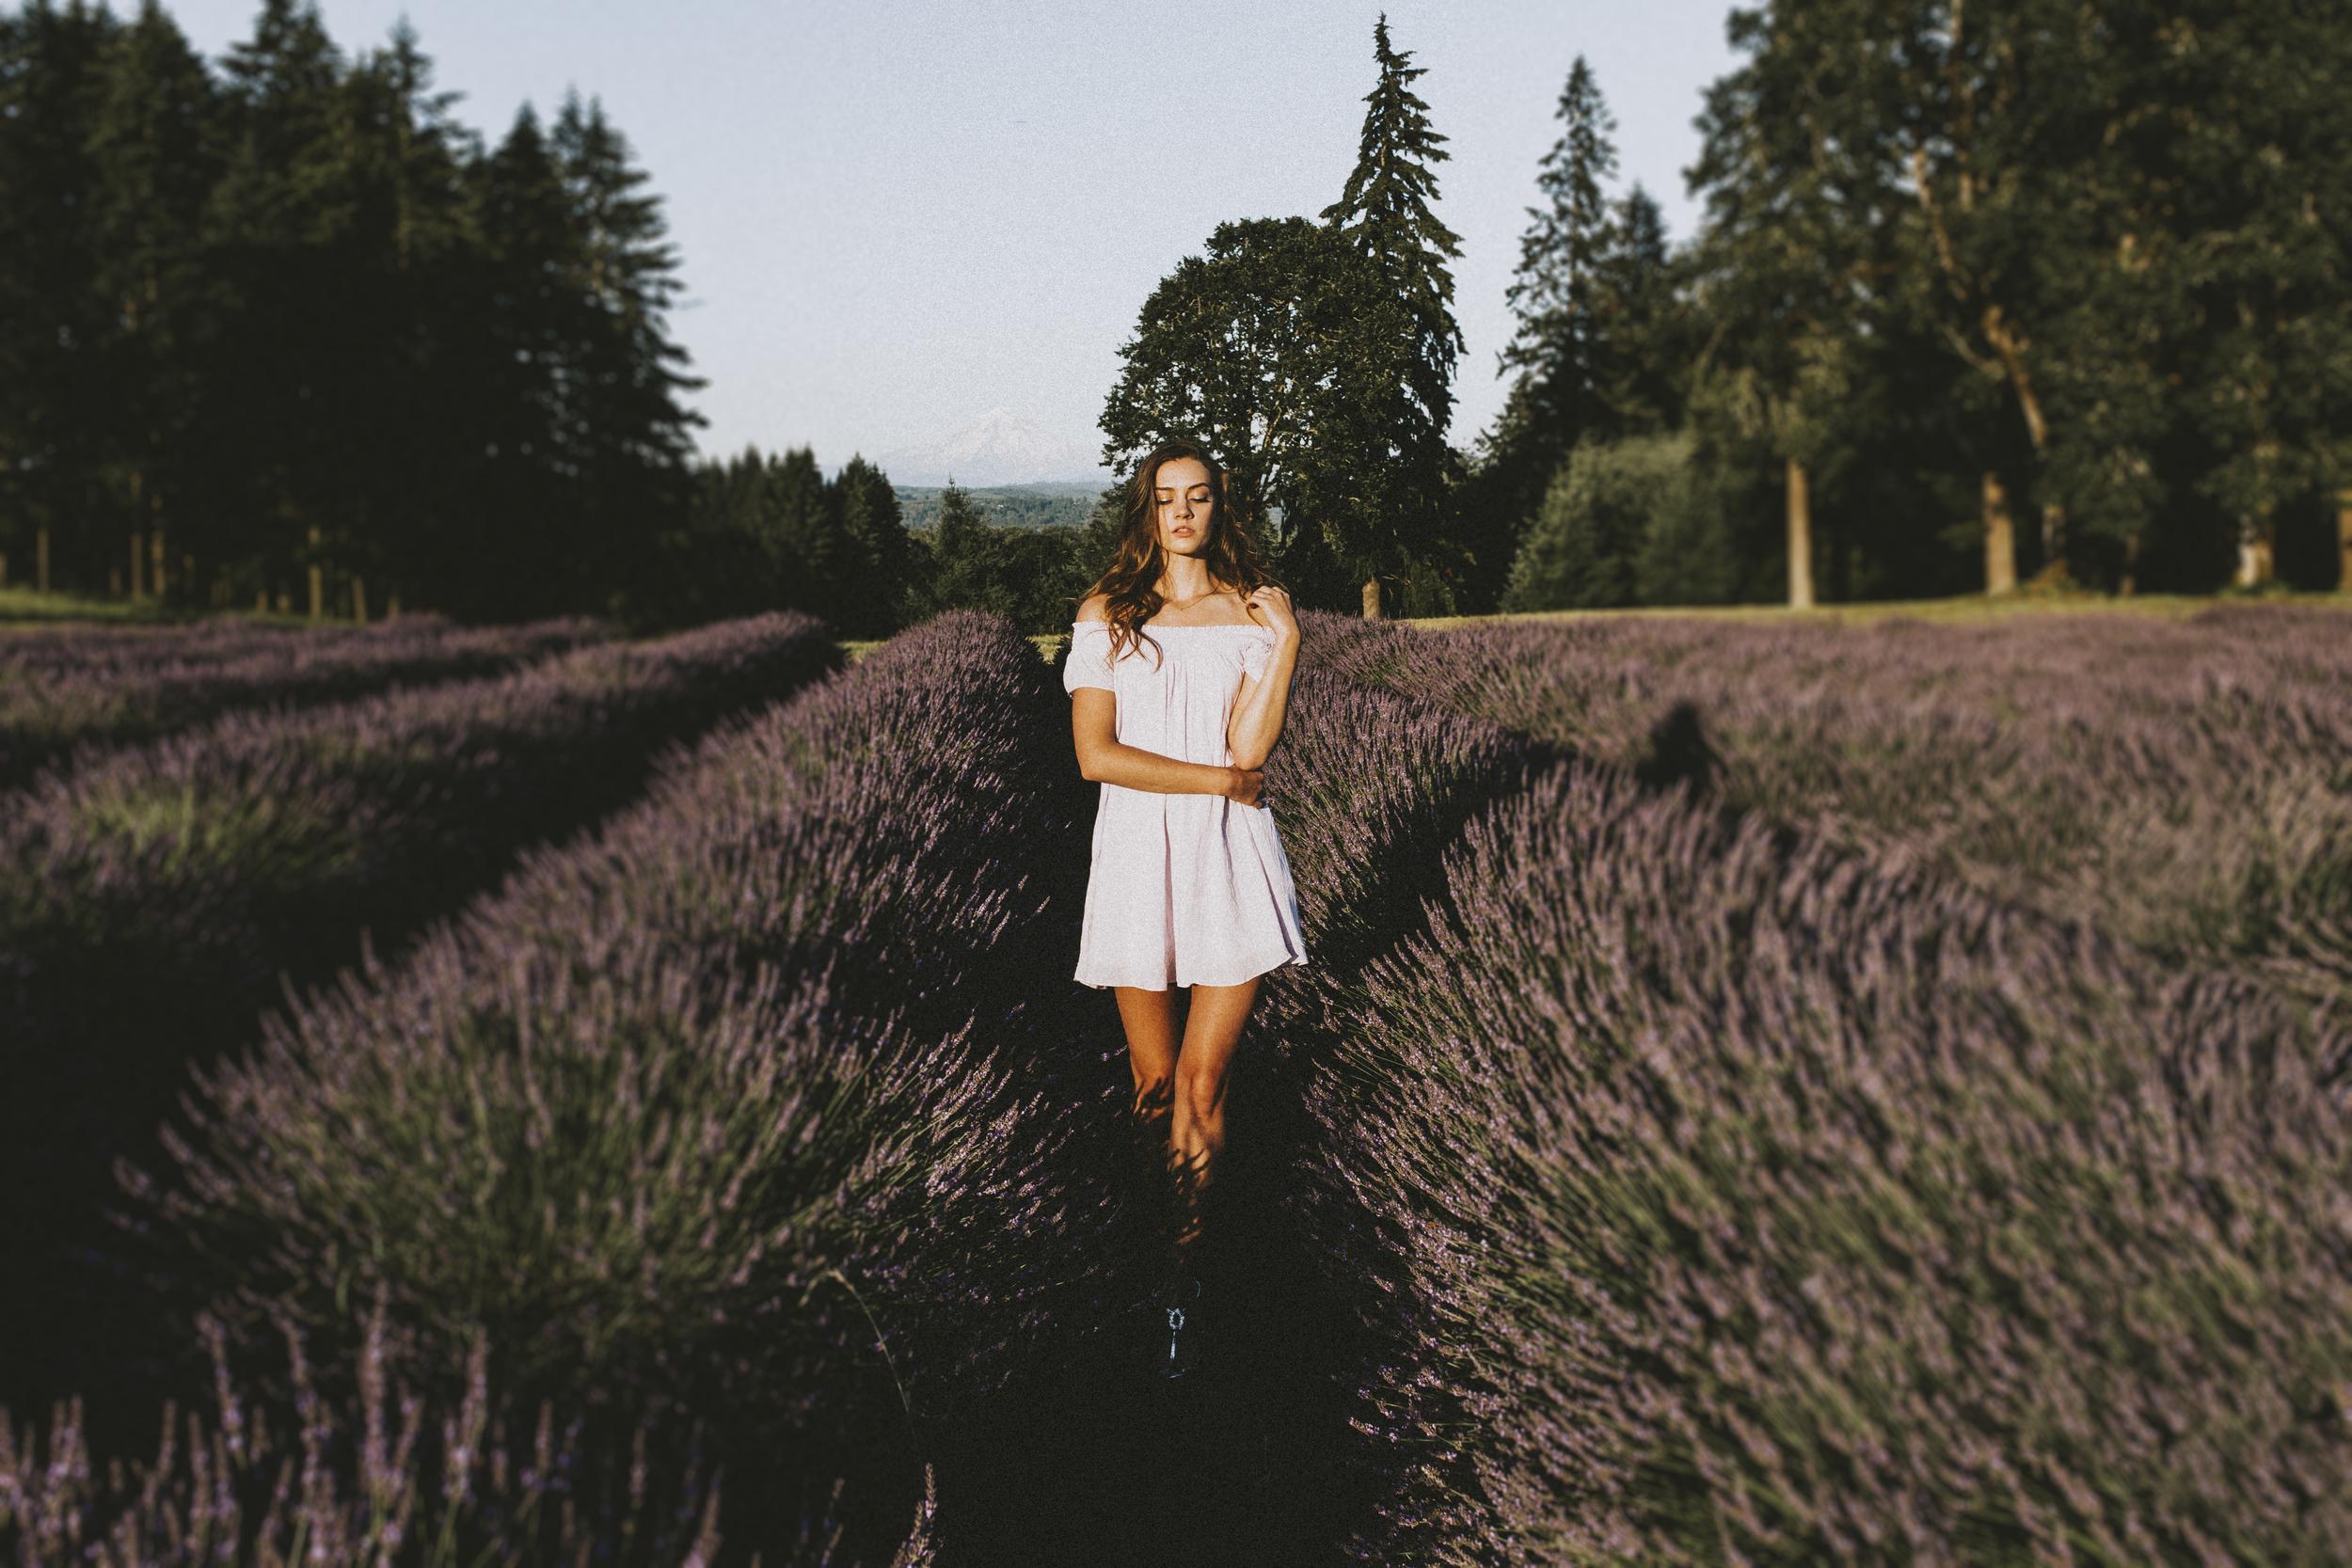 samlandreth-lavender-11.1.jpg